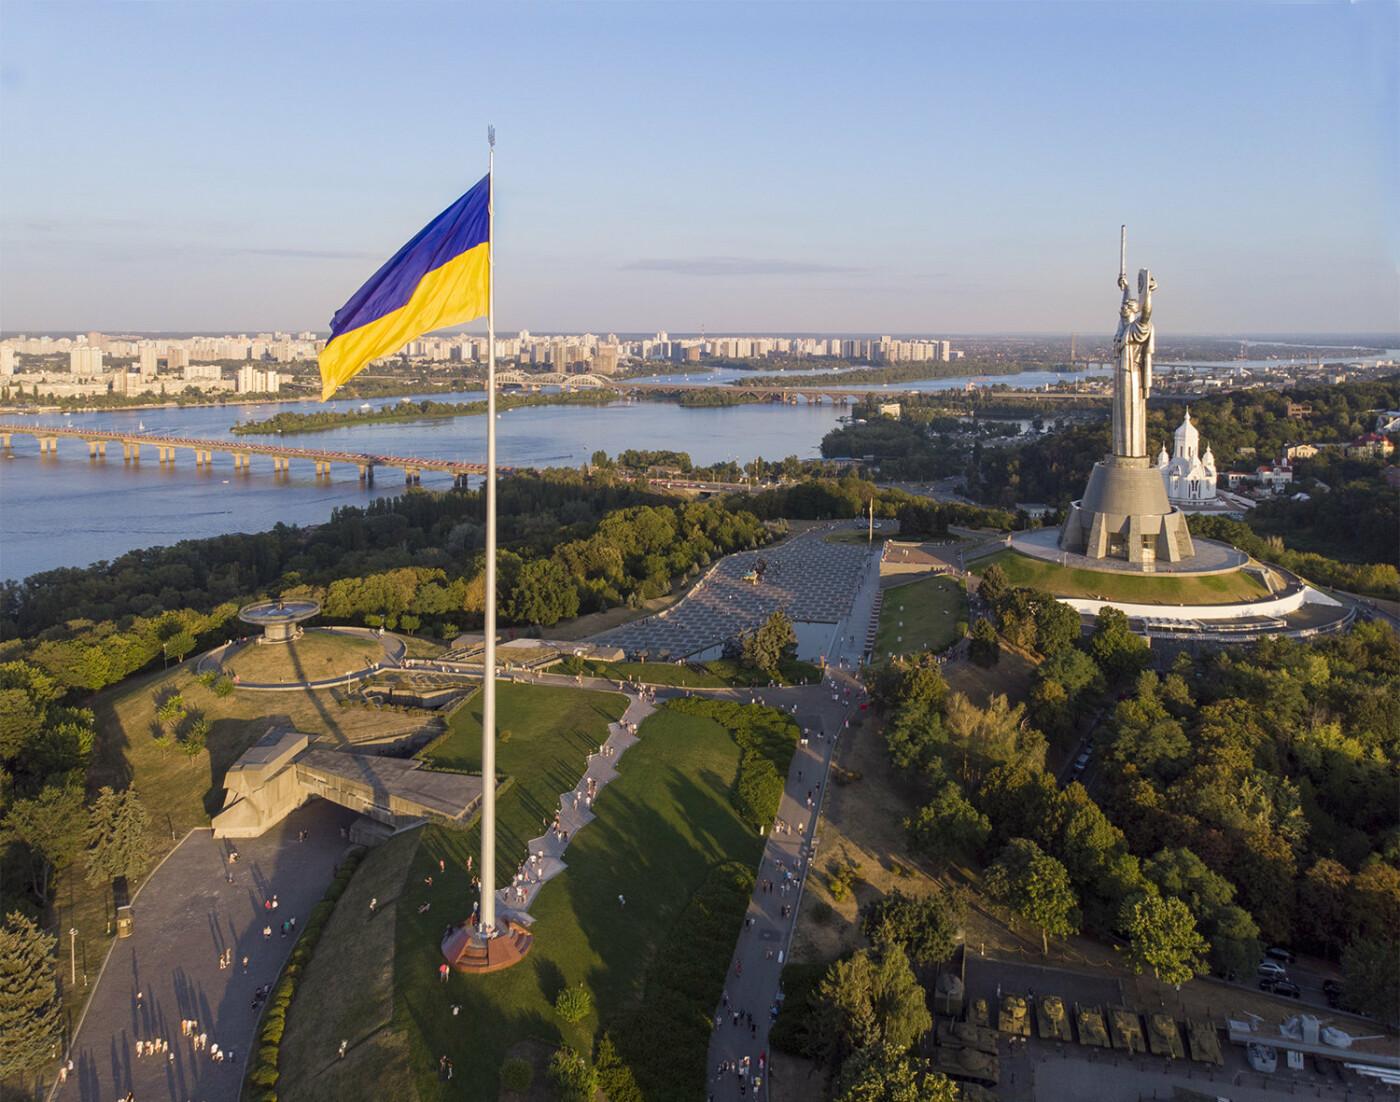 Киев в прошлом и теперь: 20 фото о том, как изменились самые популярные локации столицы, Фото: Наш Киев